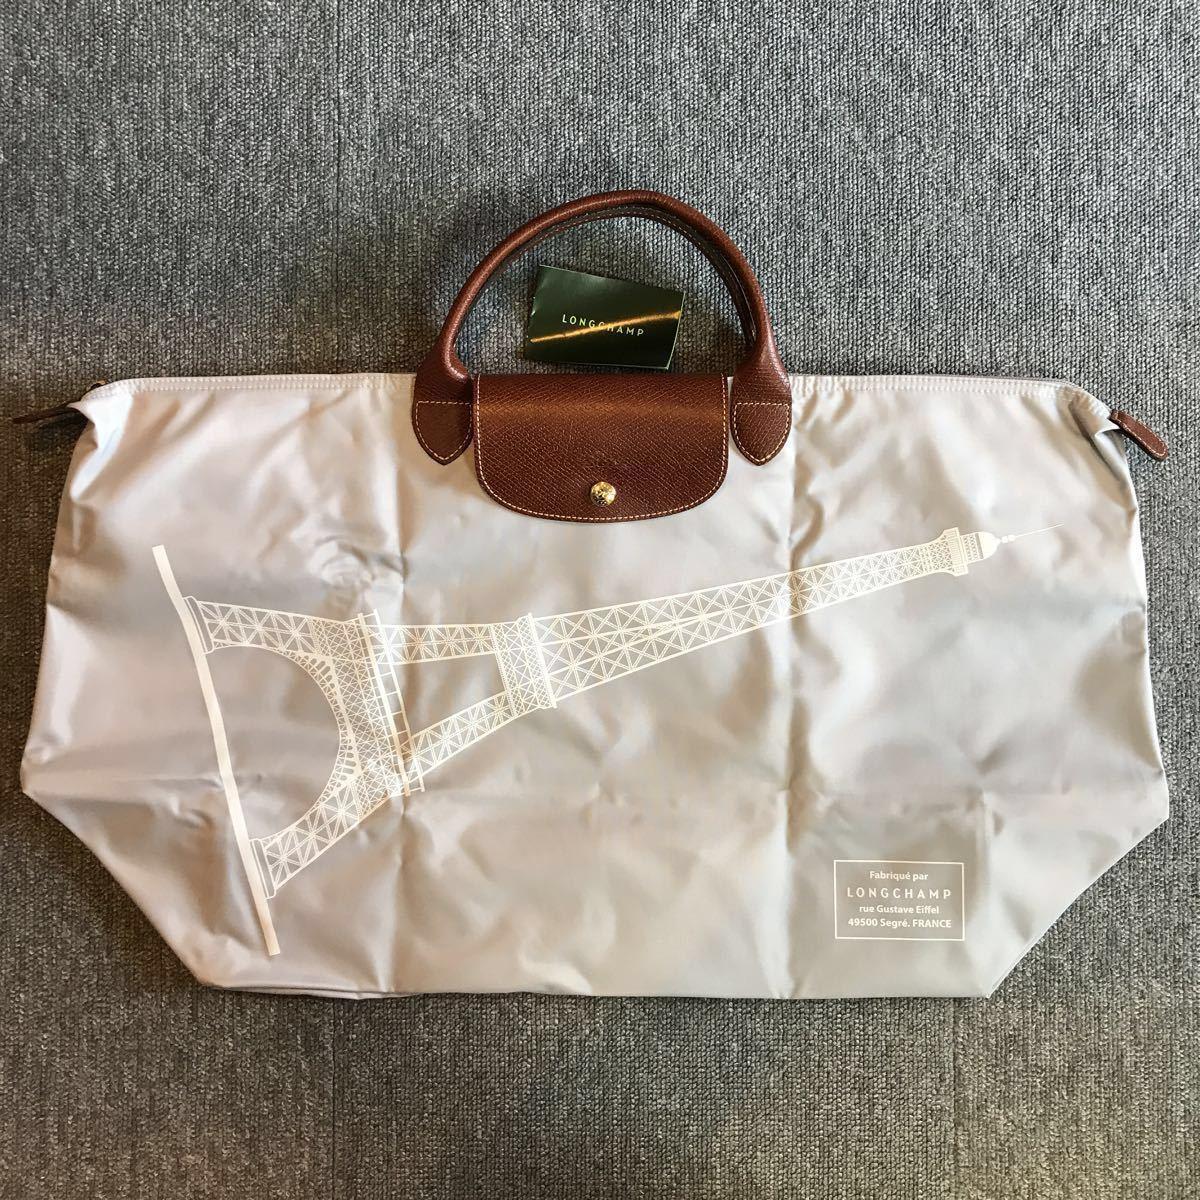 f7d65907899d 未使用 Longchamp ロンシャン フランス製 エッフェル塔 プリアージュ パリ限定 トート XL 旅行鞄